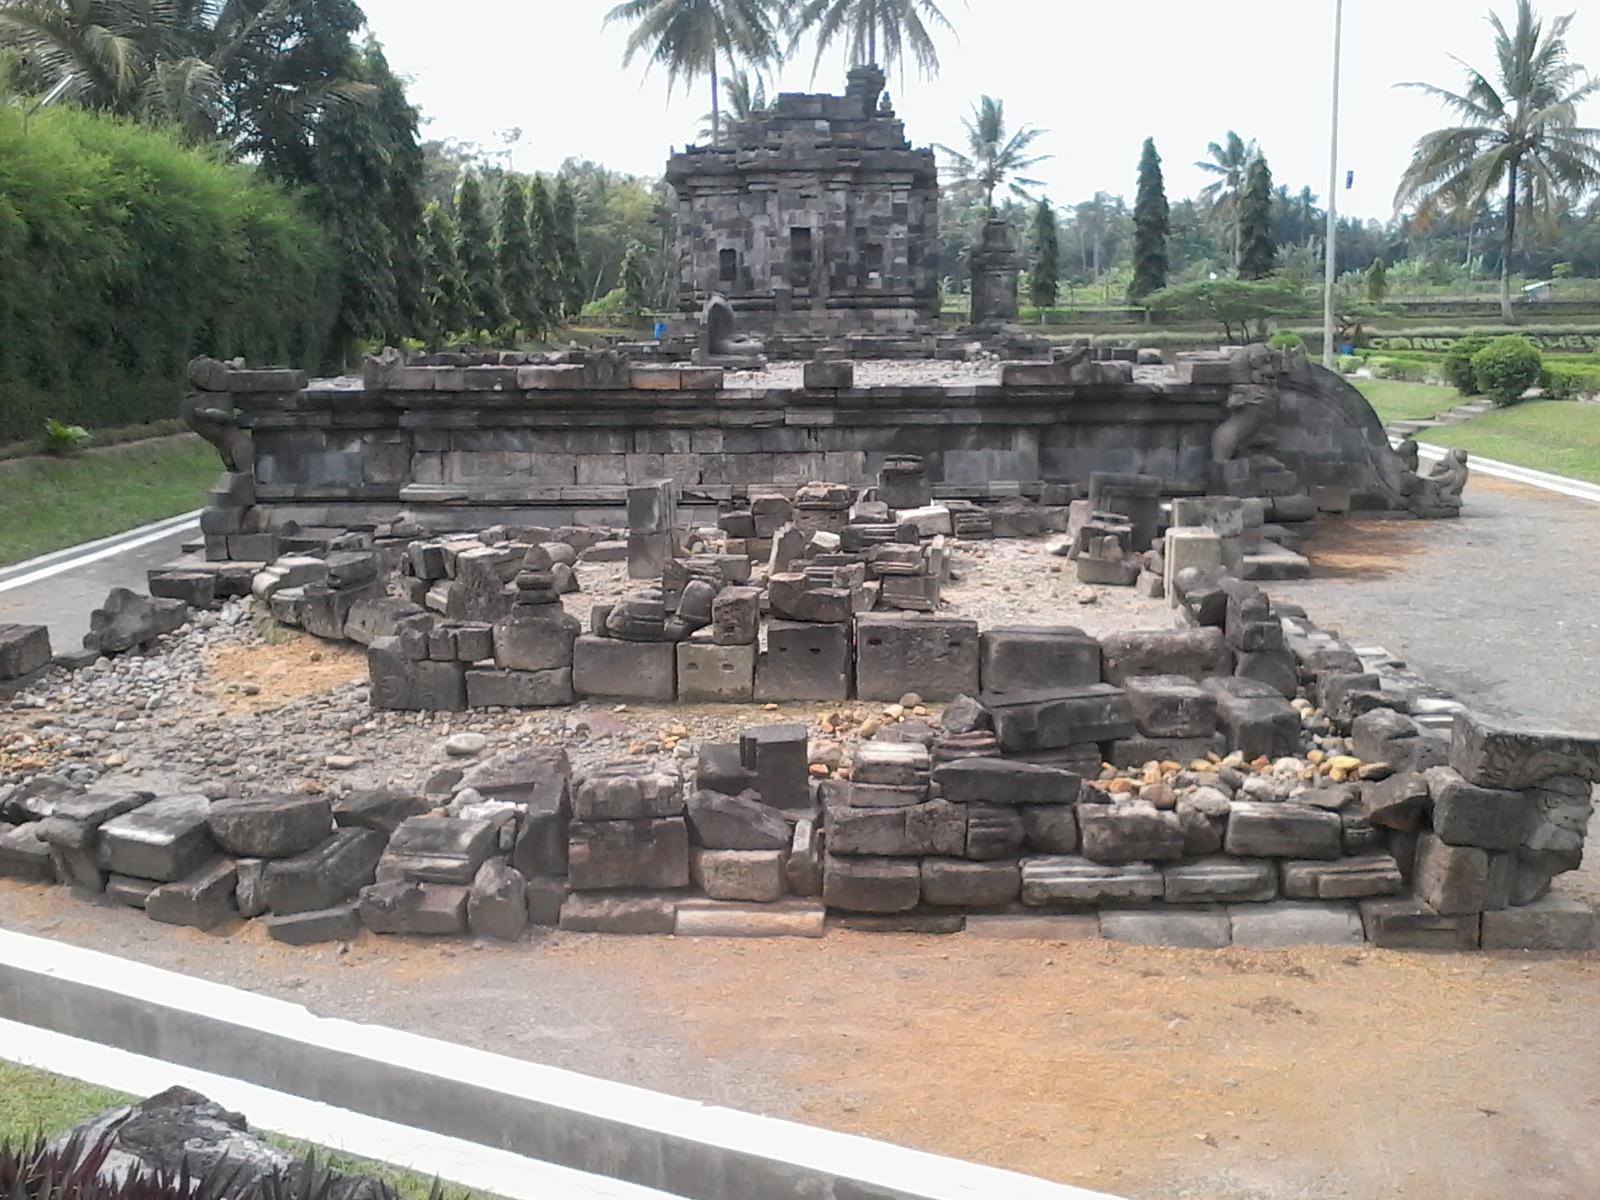 Cagar Budaya Candi Ngawen Berada Muntilan Magelang Jawa Sebagai Bangsa